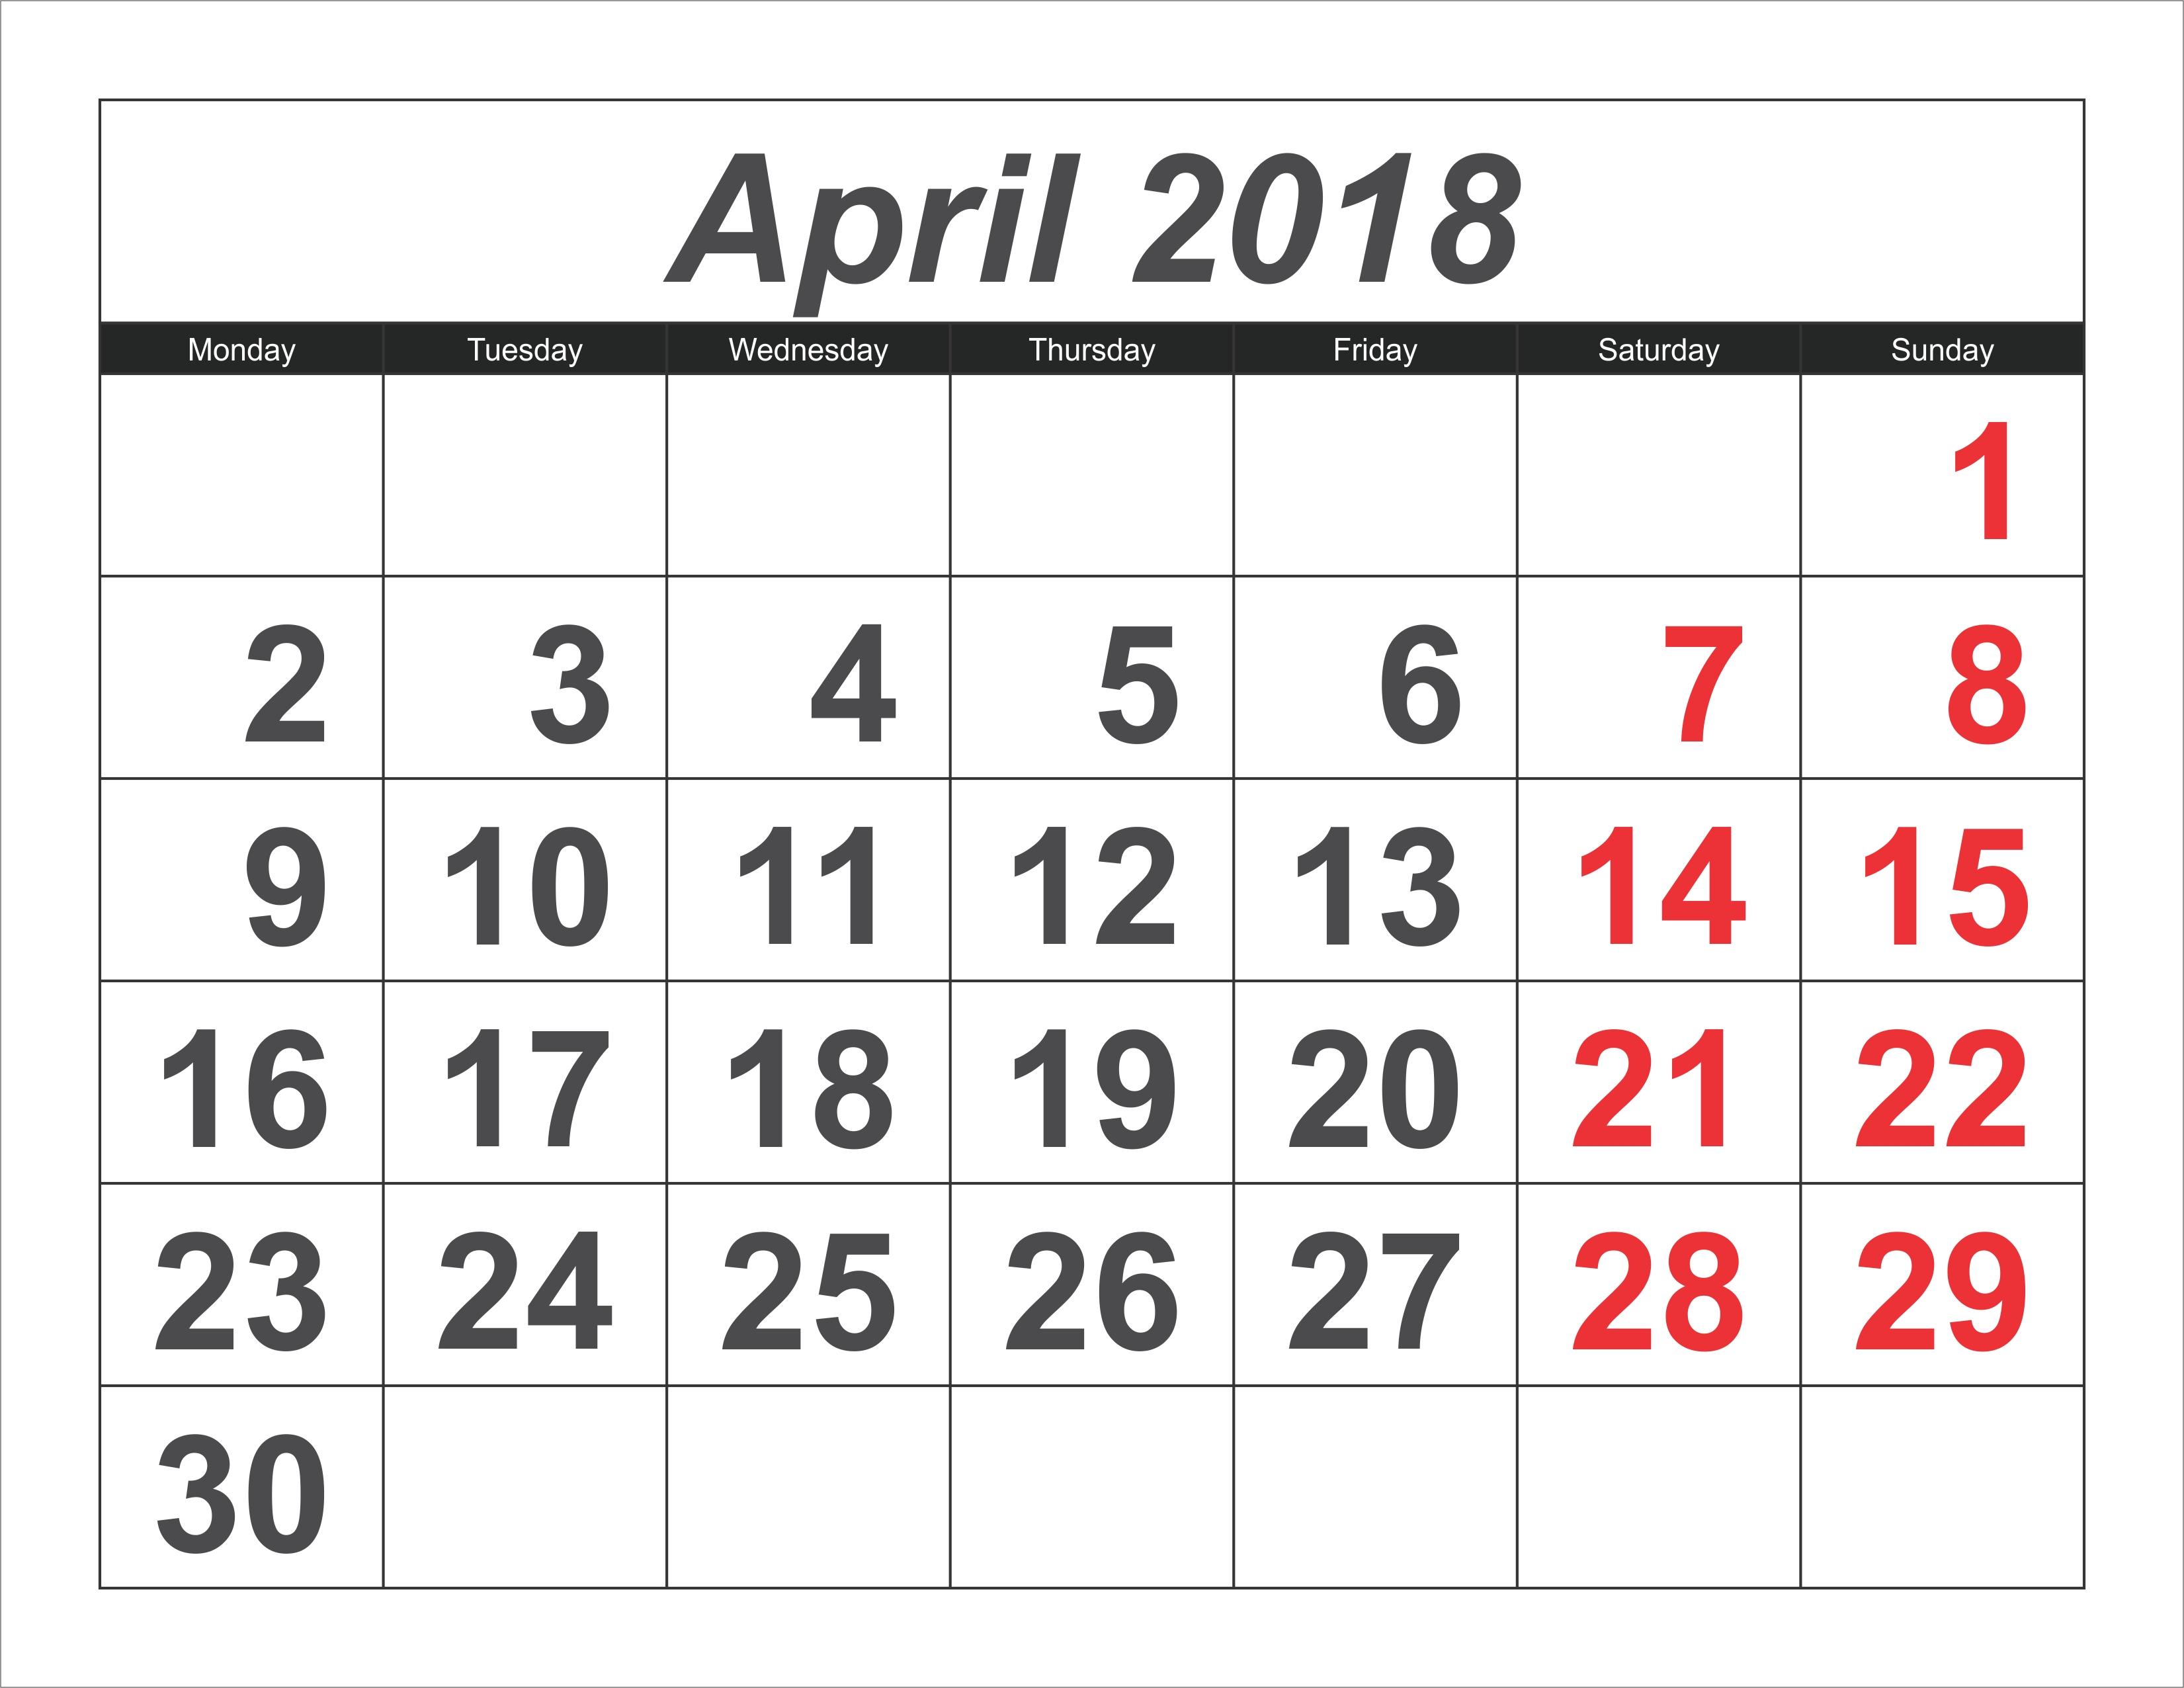 April 2019 Calendar Template #april #april2019 #april2019Calendar April 9 2019 Calendar